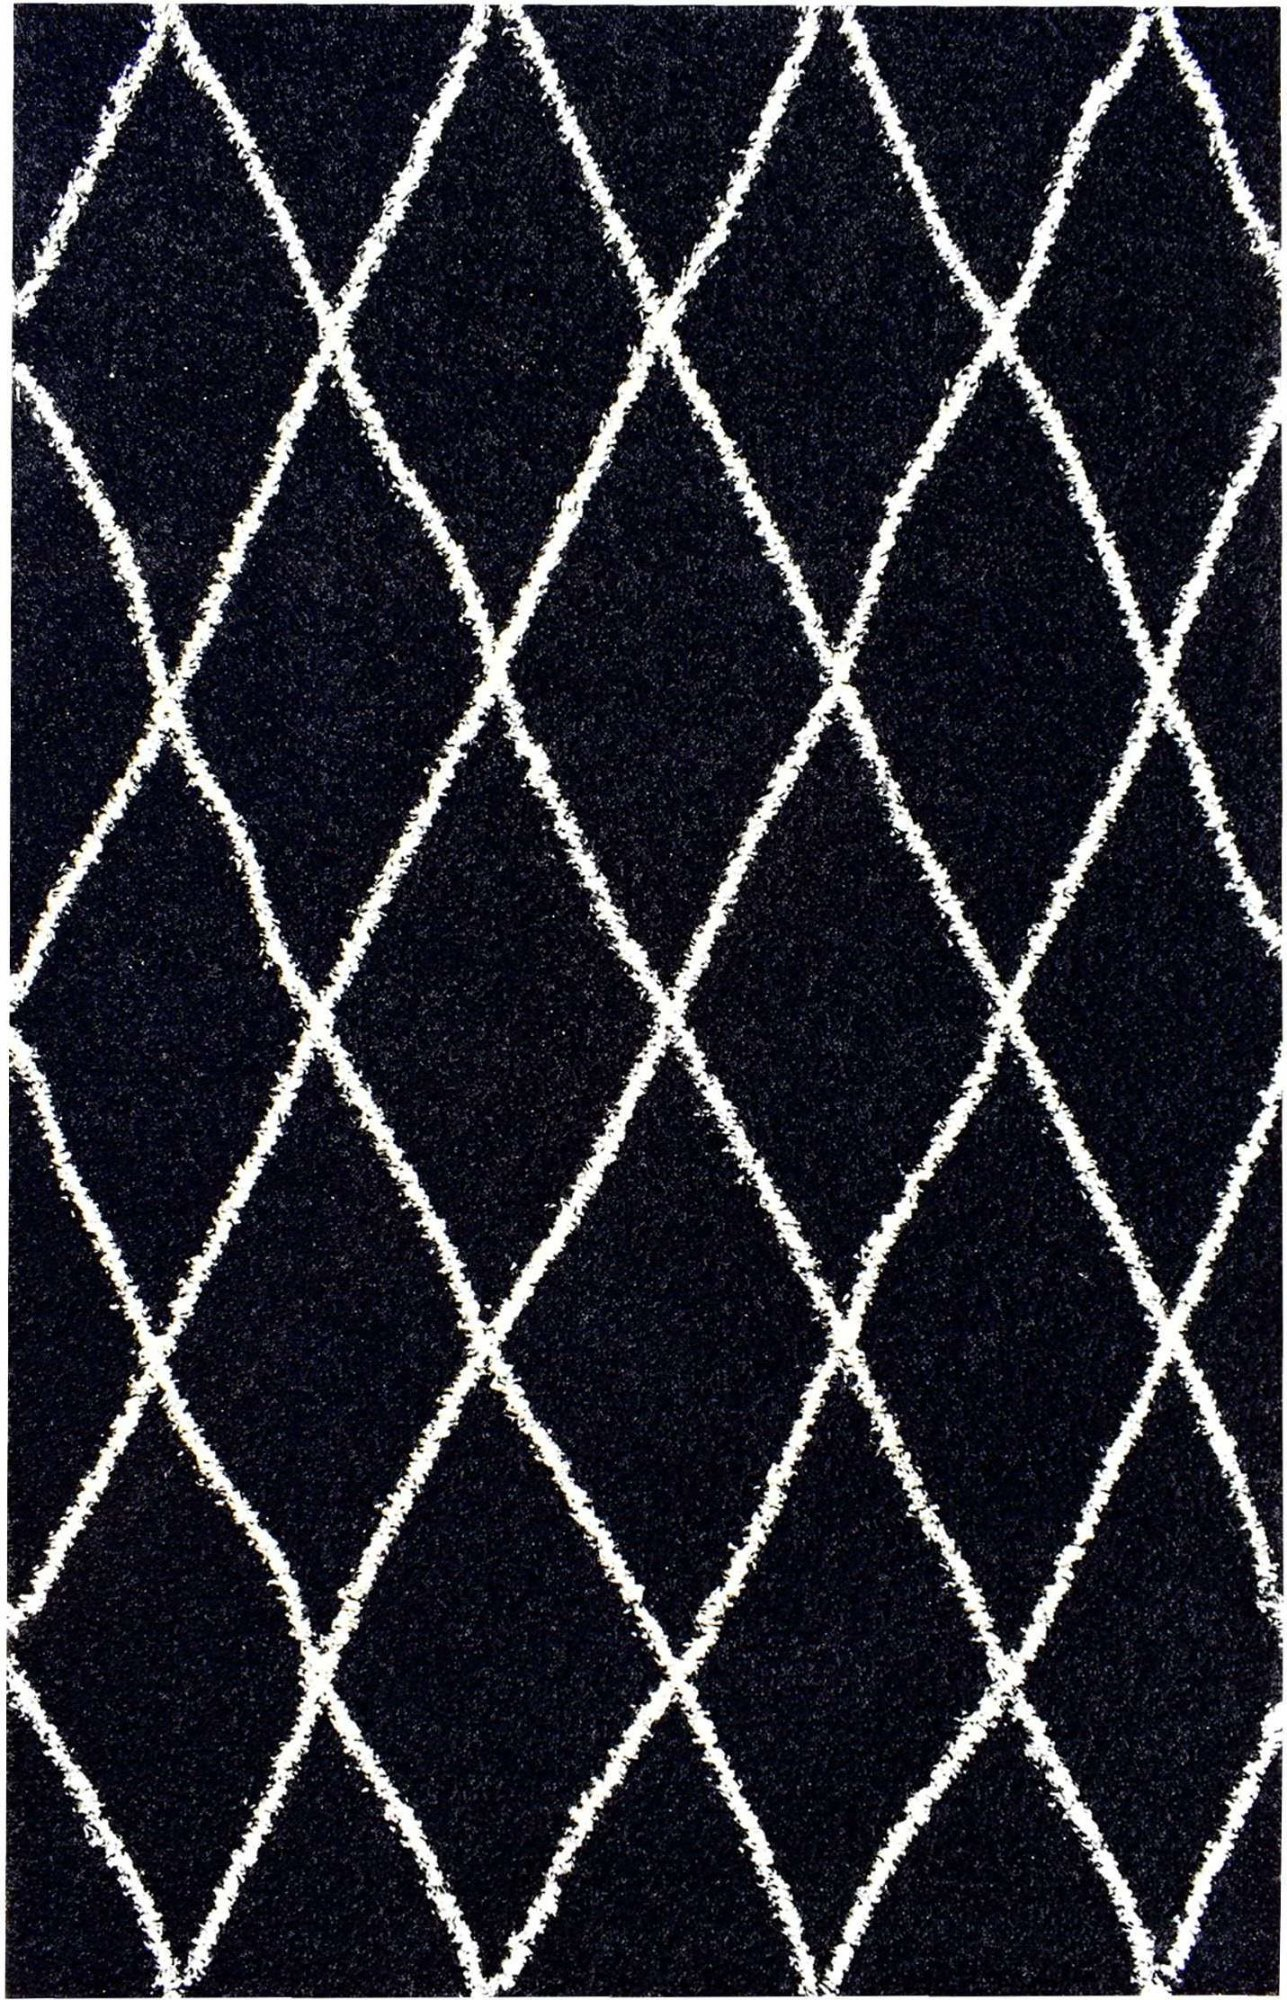 Tapis shaggy polypropylène noir 80x140